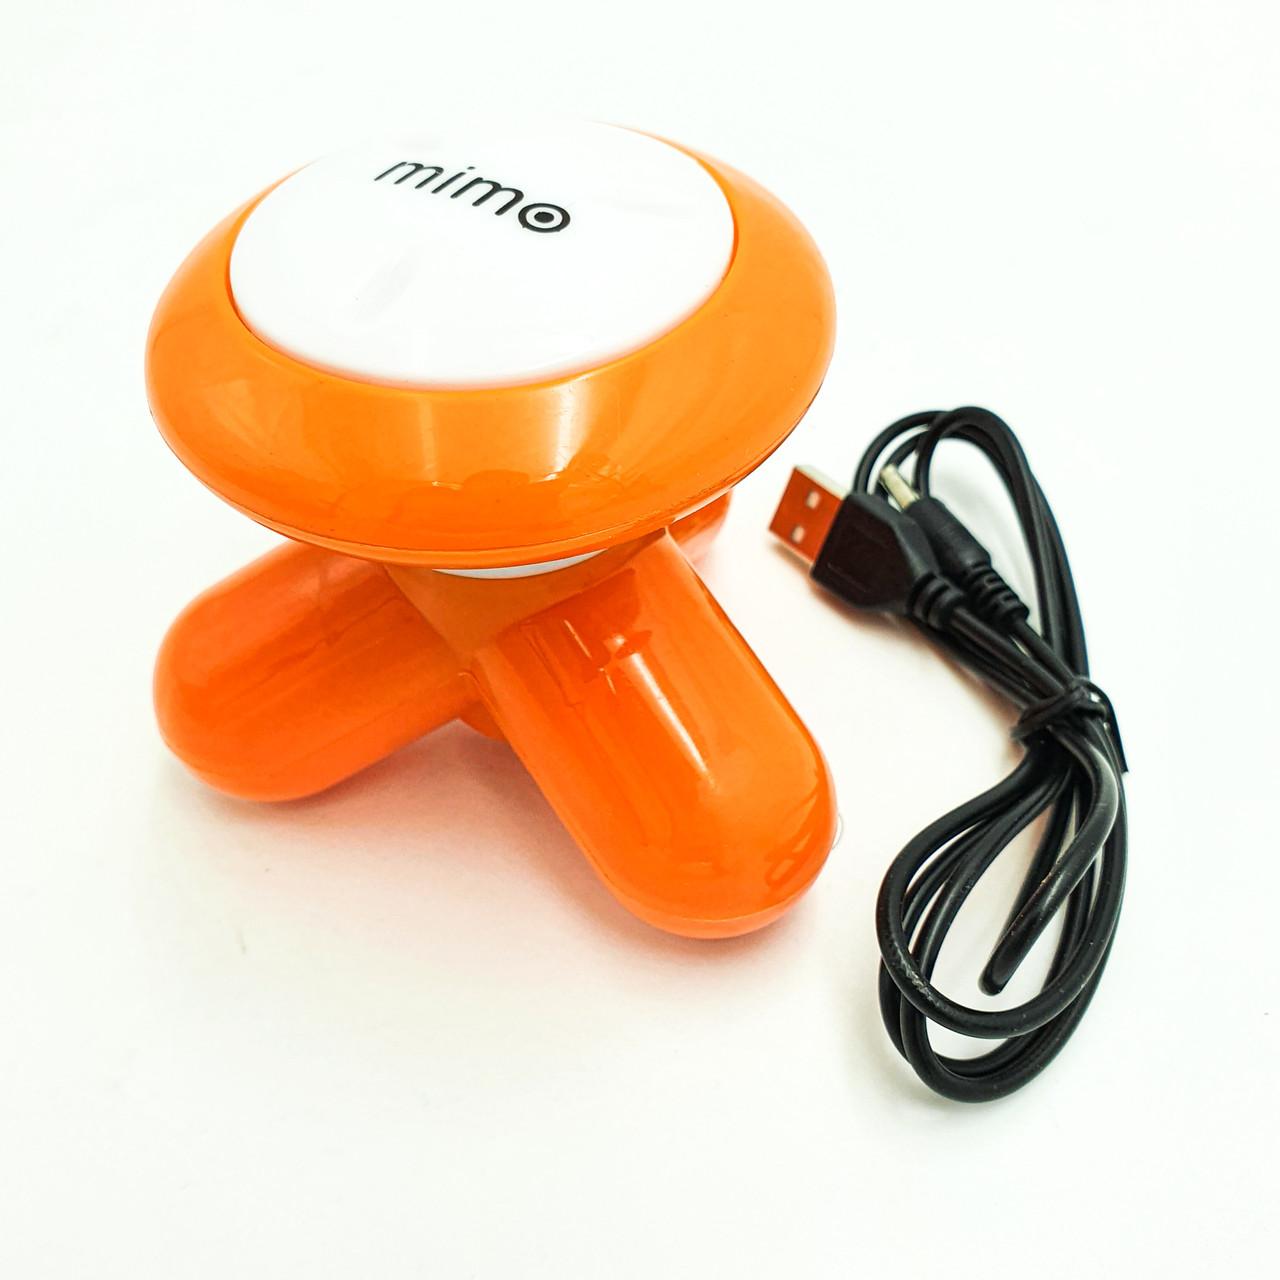 Ручний масажер міні вібромасажер універсальний 9х8 см USB або 3xAAA Mimo XY3199 помаранчевий